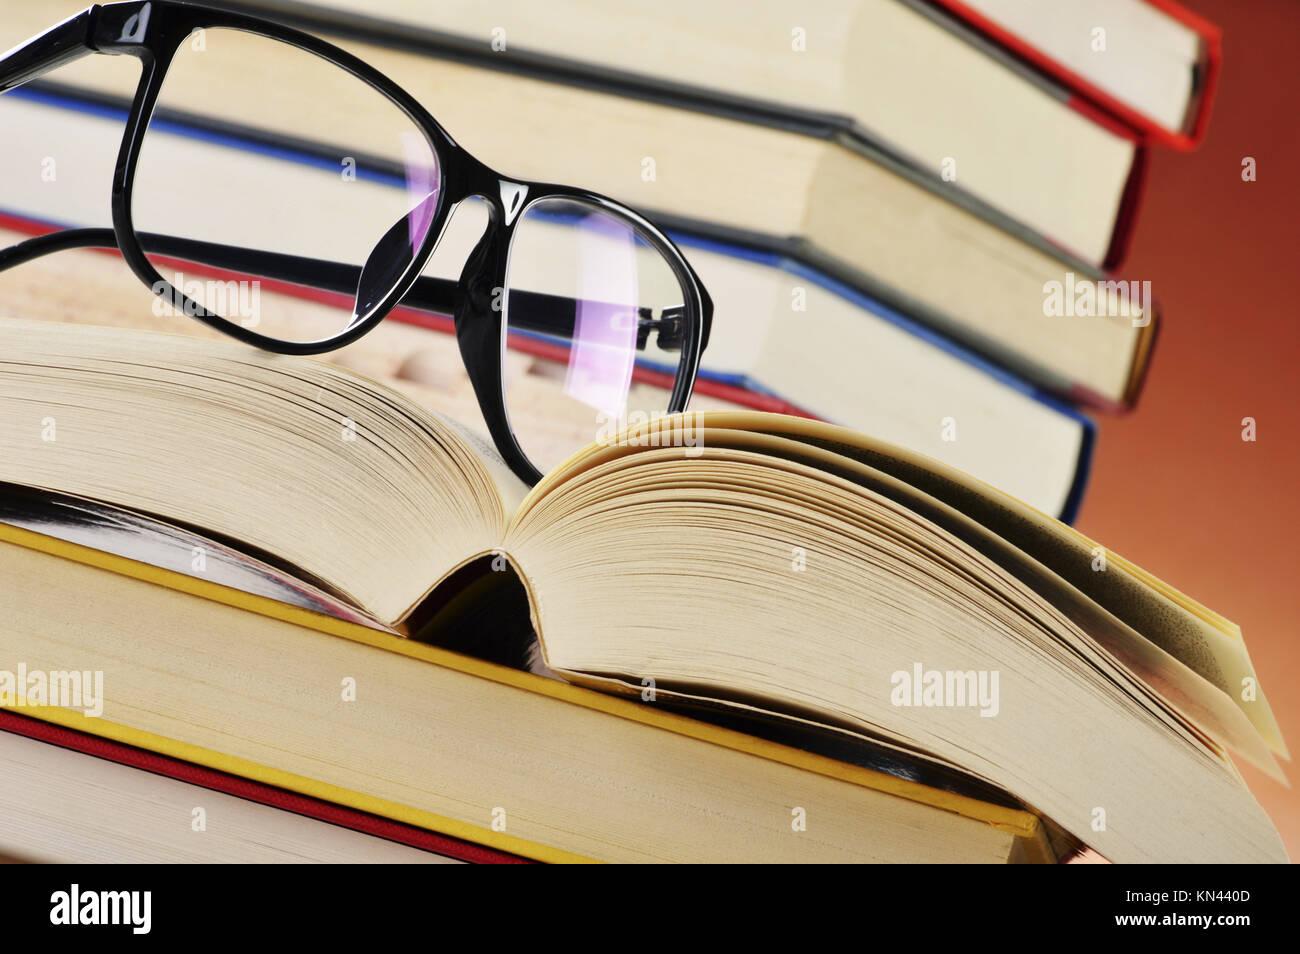 Composizione con gli occhiali e i libri sul tavolo. Immagini Stock